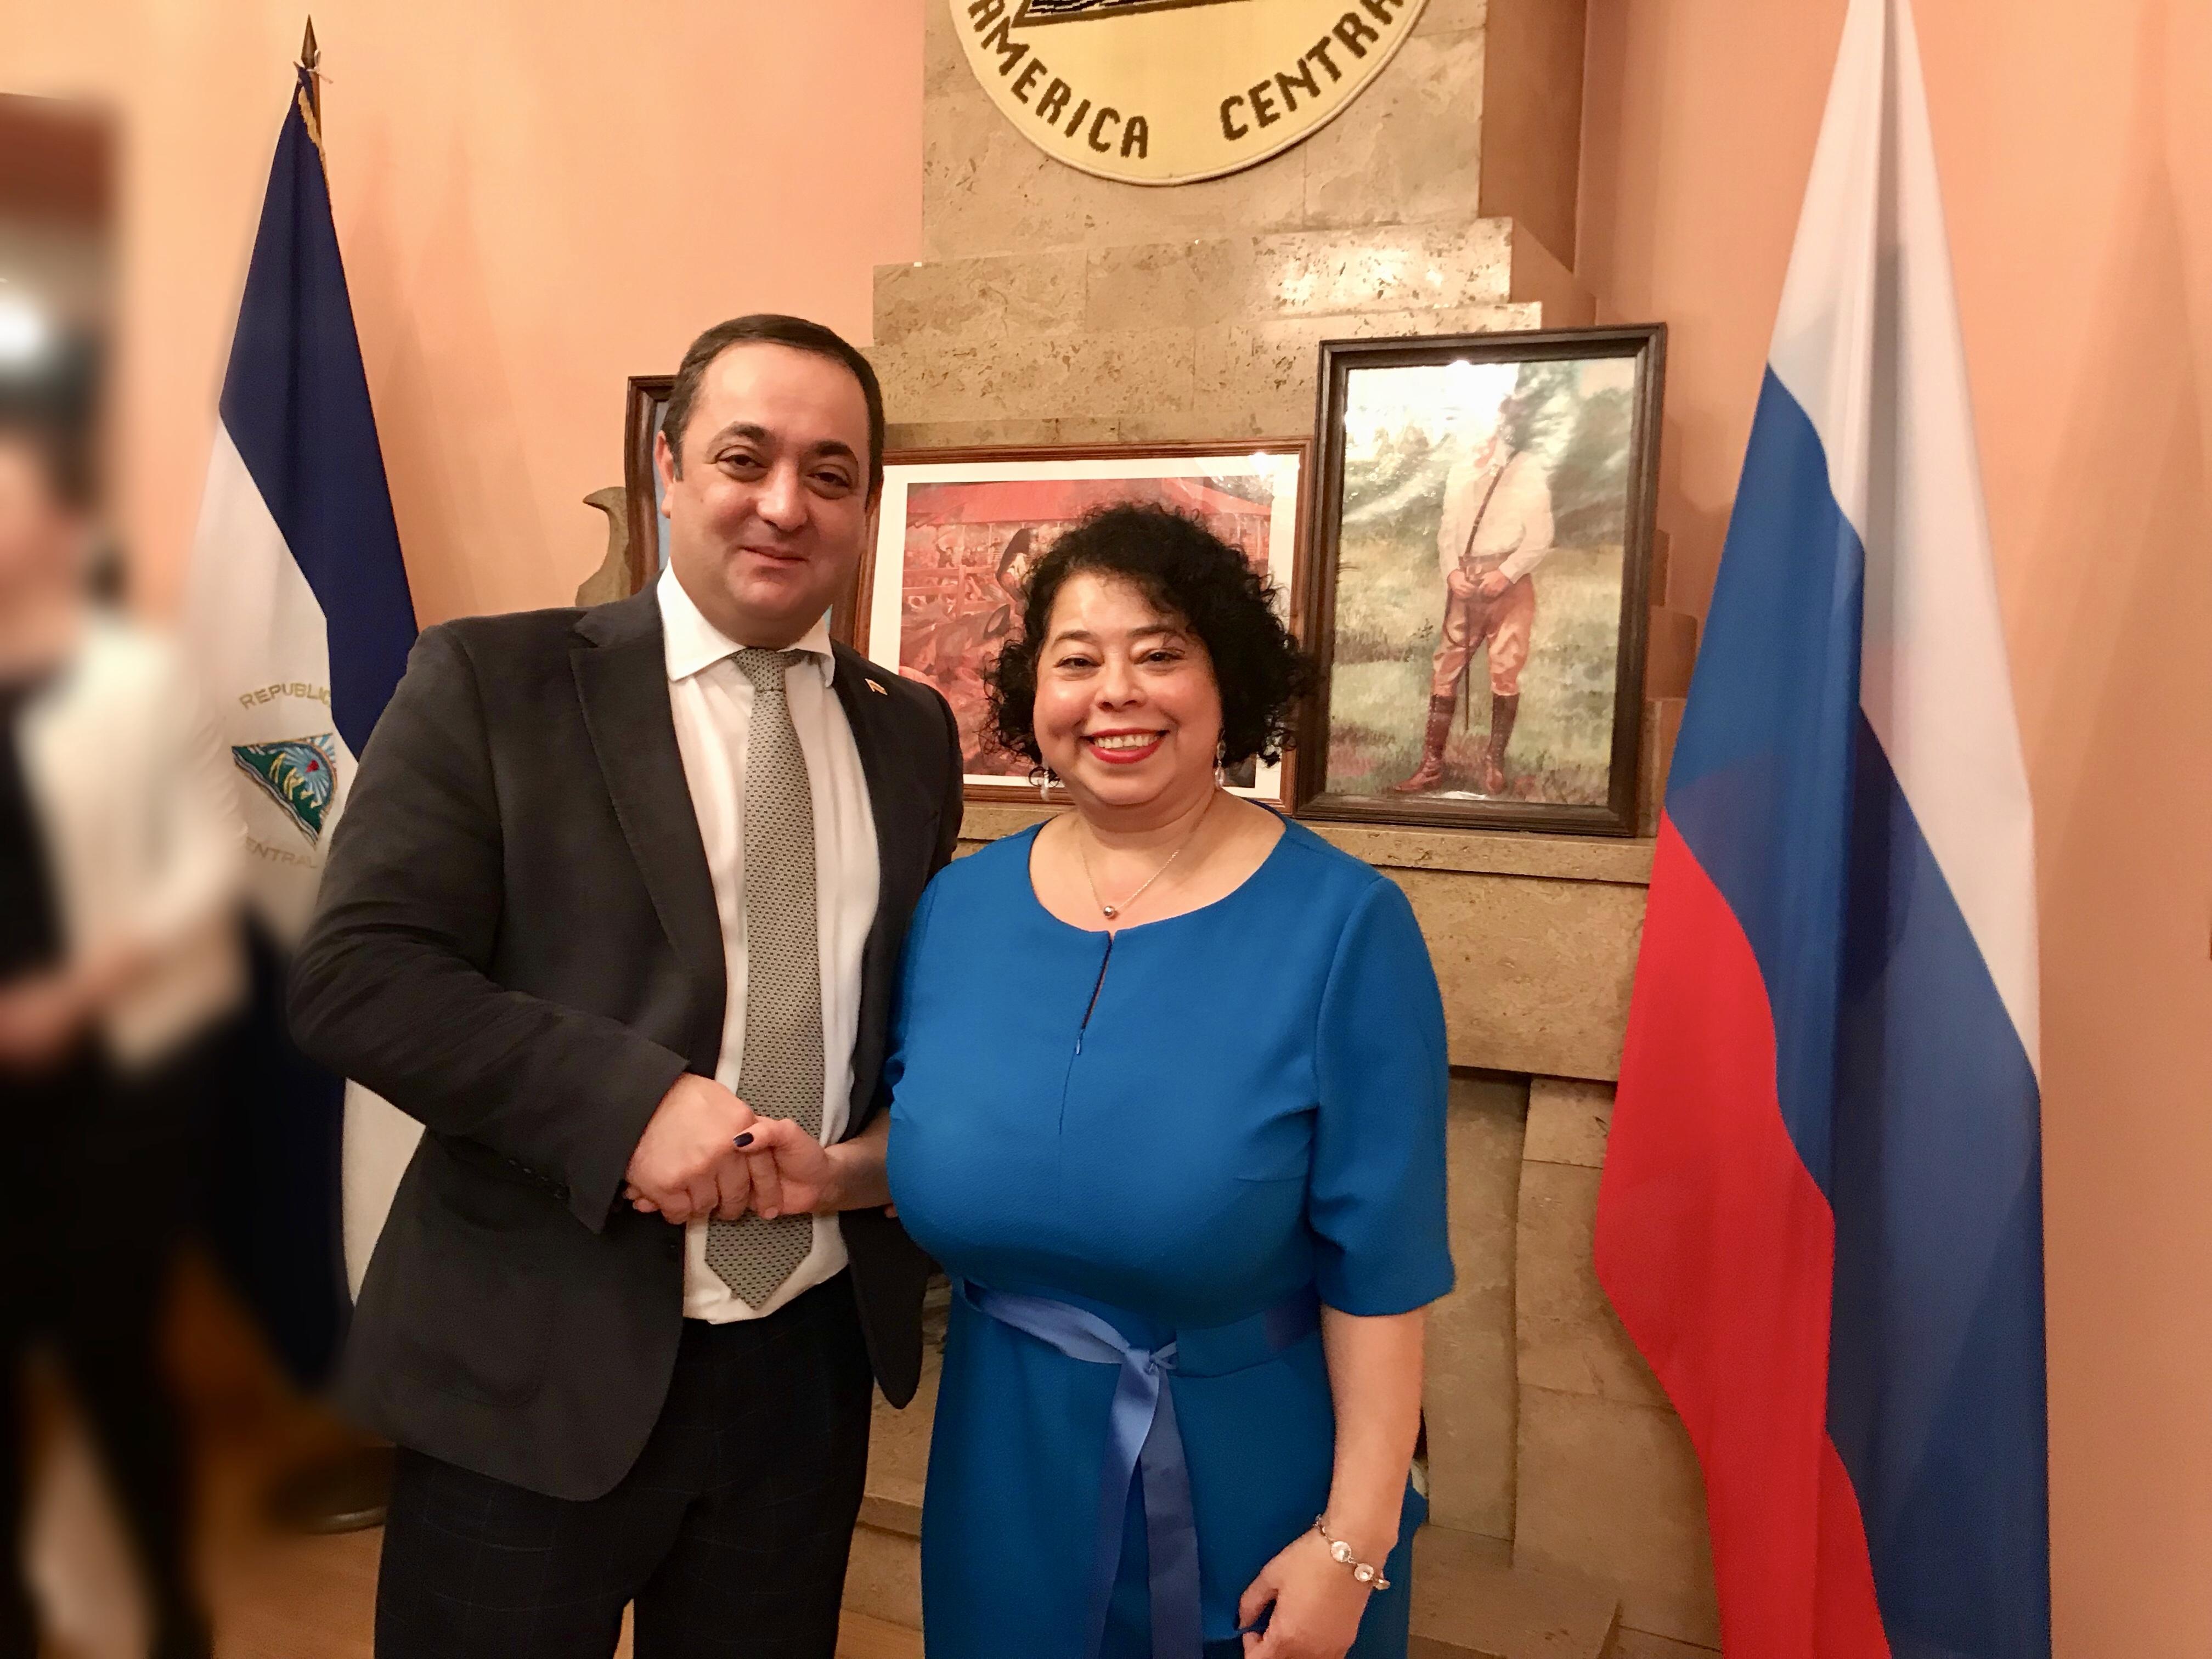 Культурное наследие как объединяющий фактор — выставка в Посольстве Никарагуа